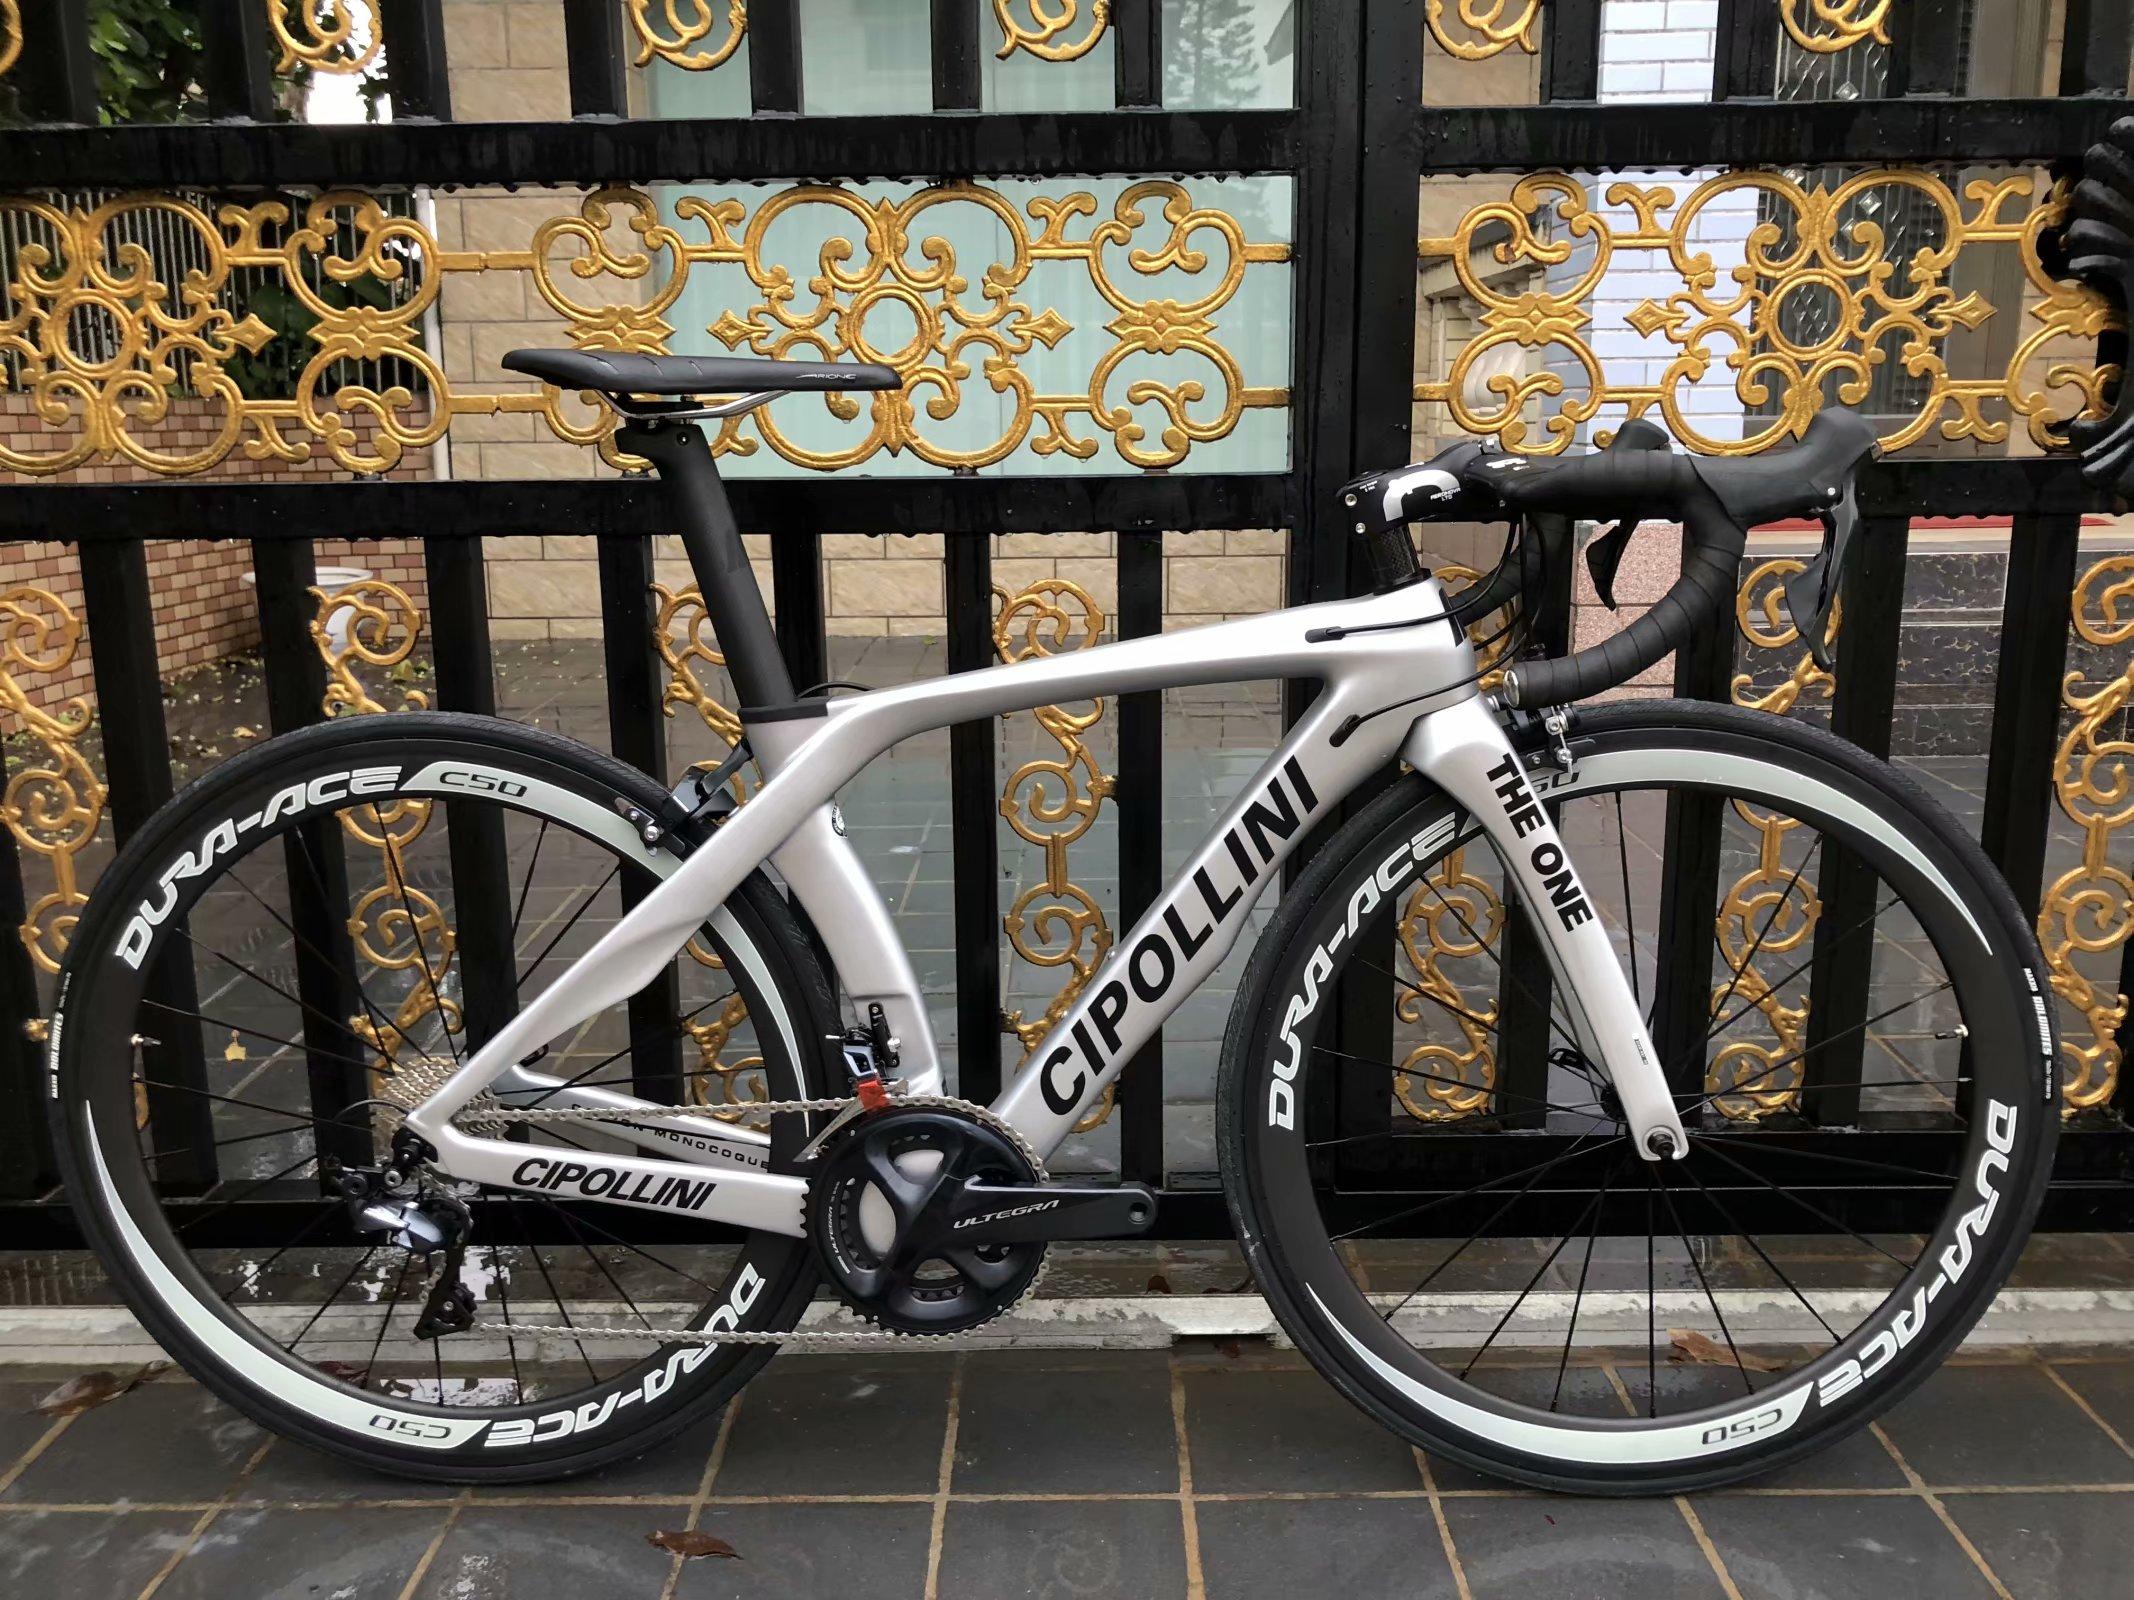 2019 quadro De estrada de Carbono Cipollini RB1K T1100 O RB1000 carbono quadro da bicicleta com garfo + canote tamanho XXS XS S M L XL dpd xdb